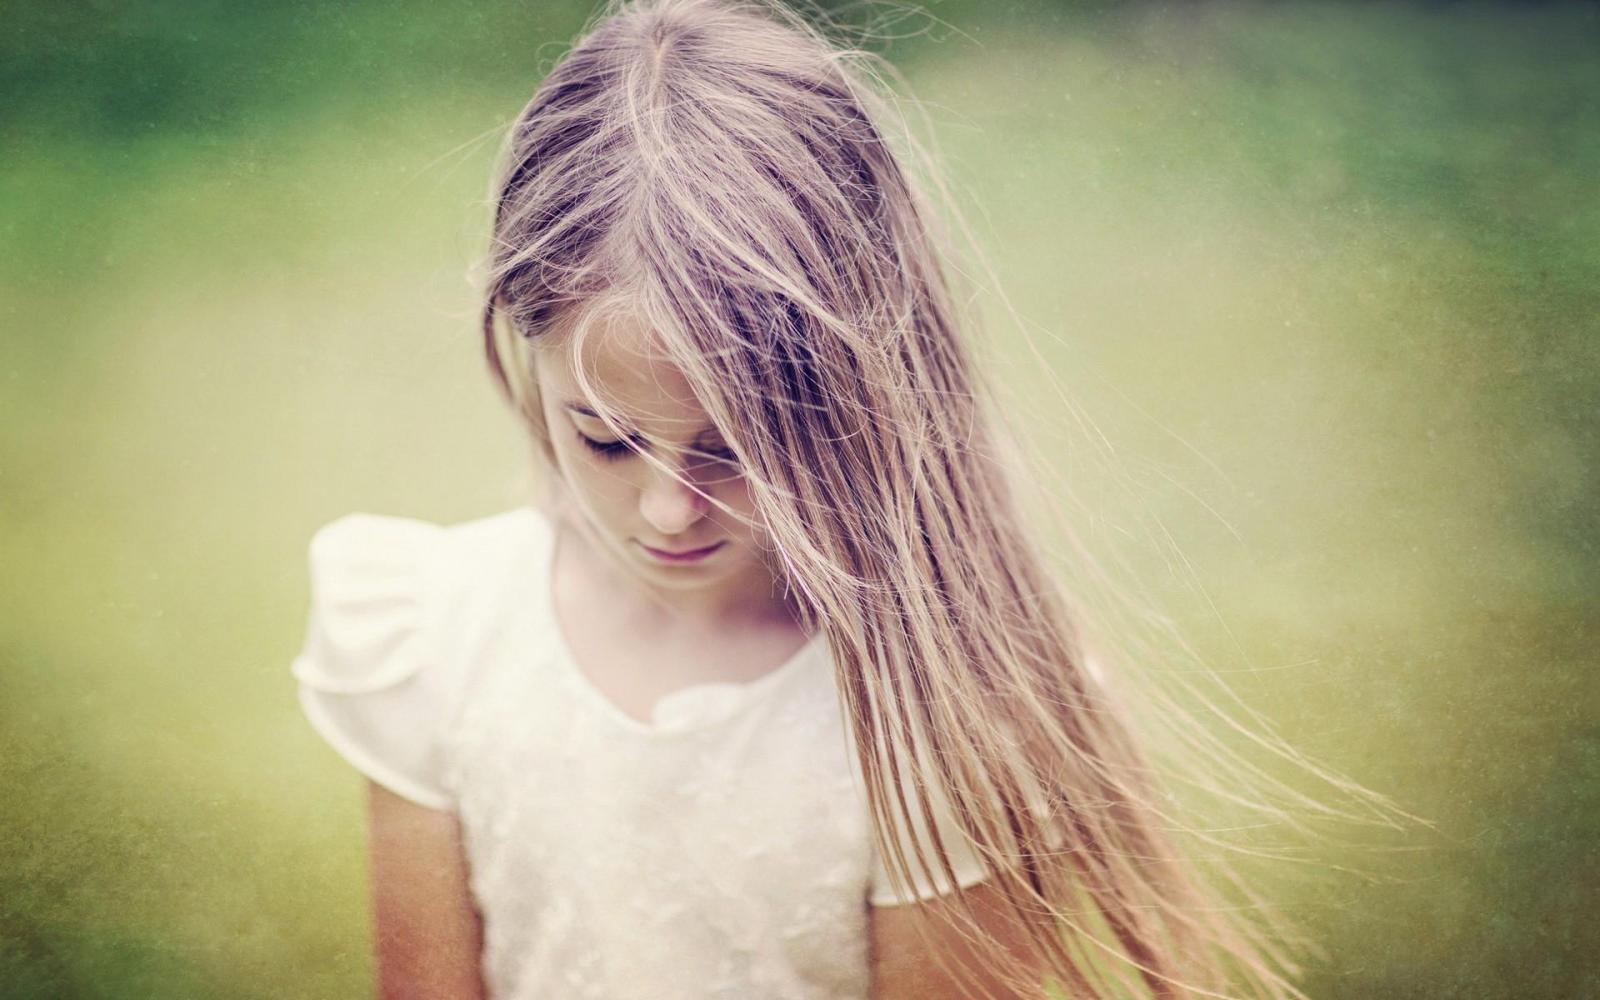 人生, 简单就快乐, 生活, 开心就好